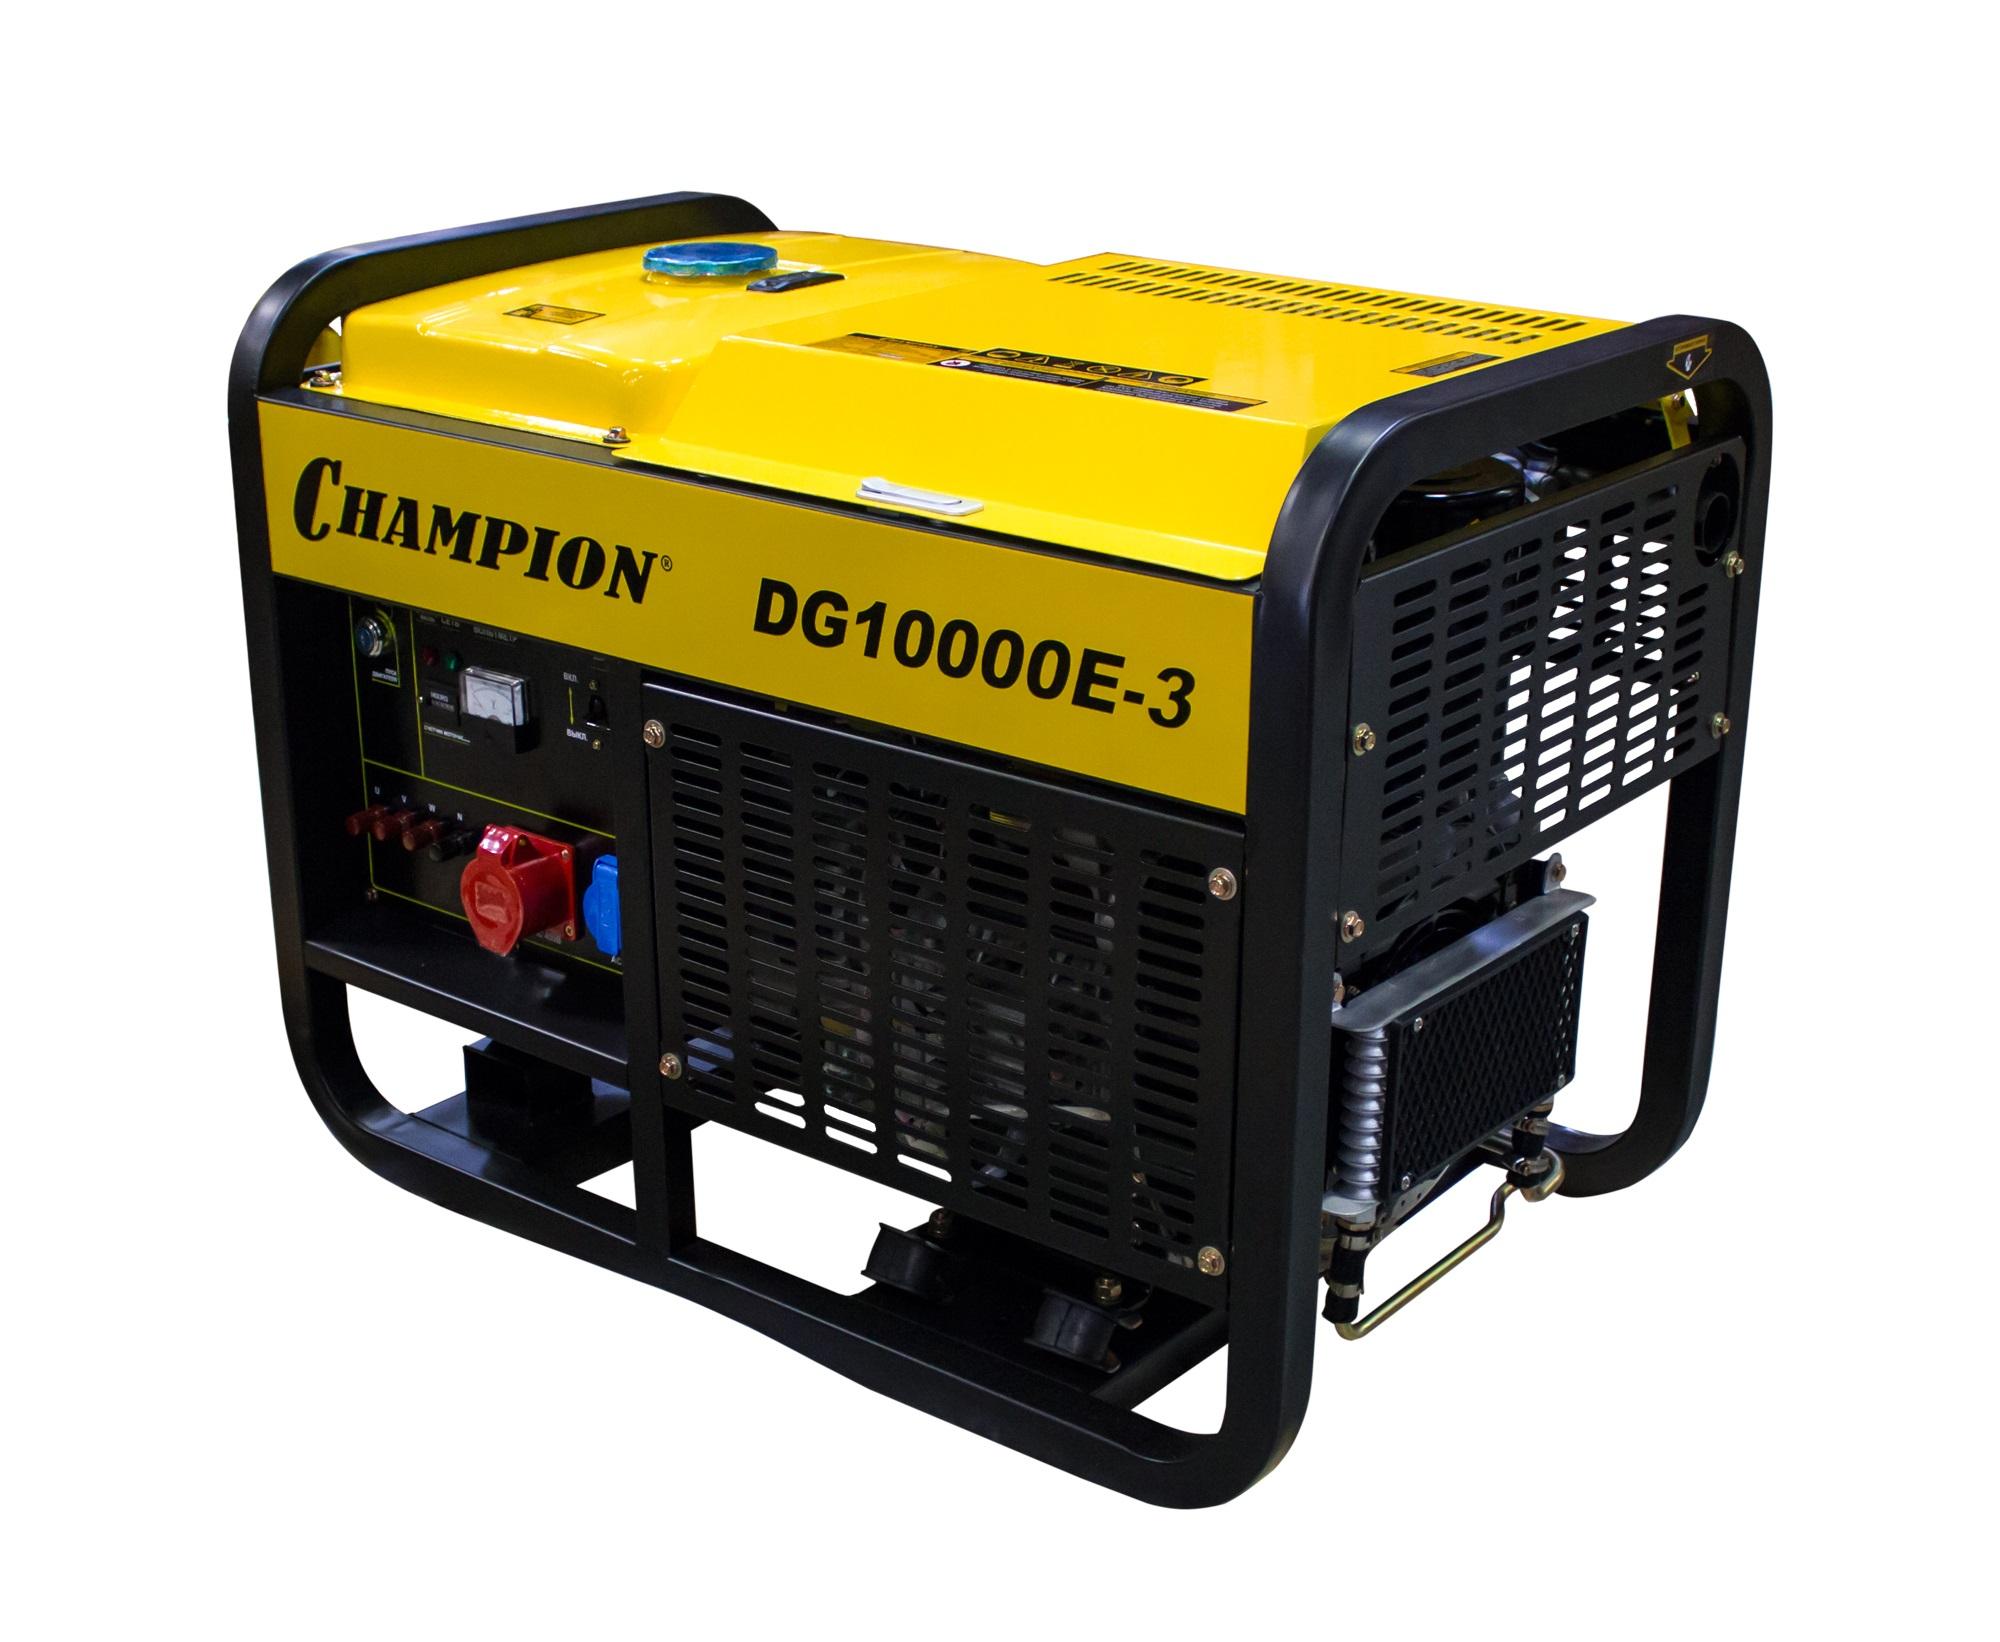 Дизельный генератор Champion Dg10000e-3 дизельный генератор champion dg10000e 3